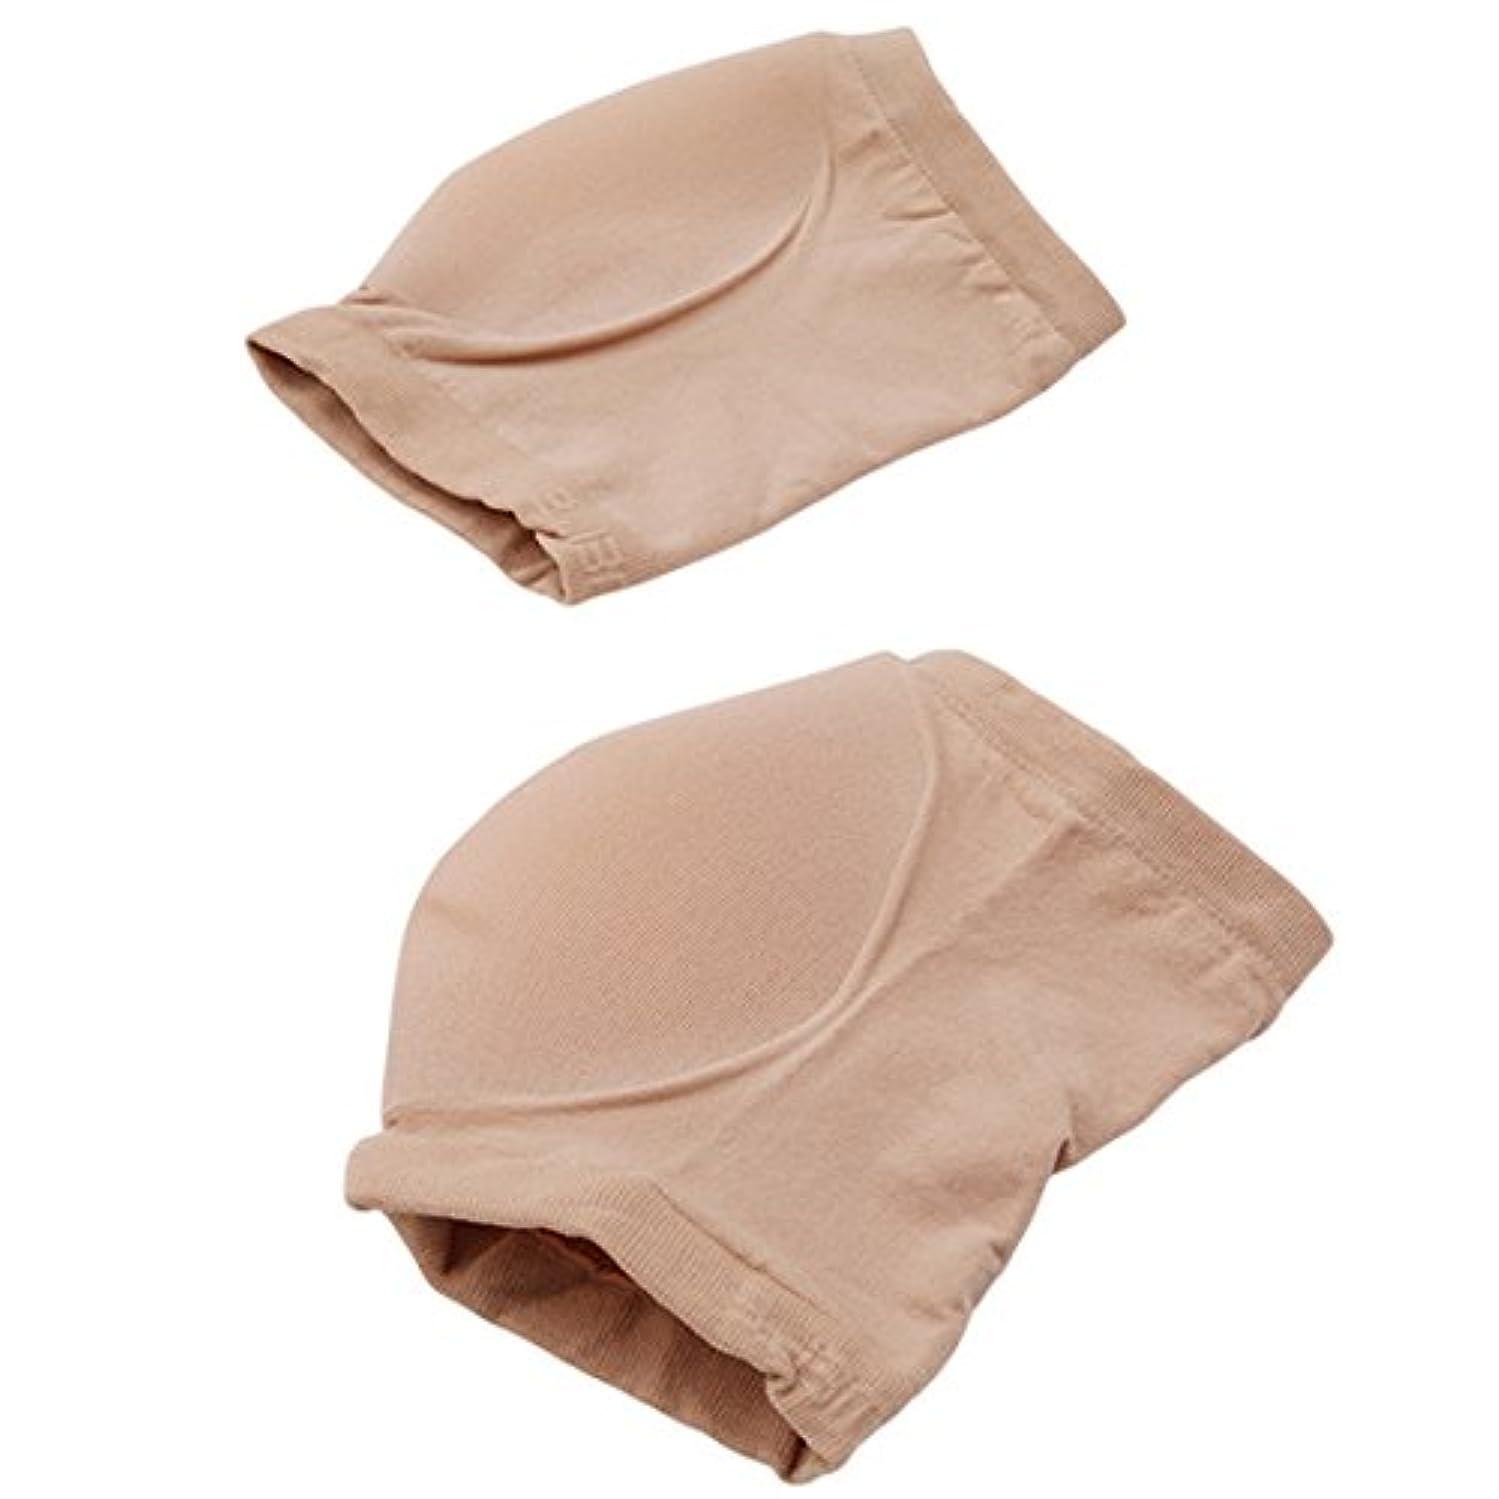 深さ泥棒認めるKLUMA 靴下 かかと ソックス 角質ケア うるおい 保湿 角質除去 足ケア レディース メンズ